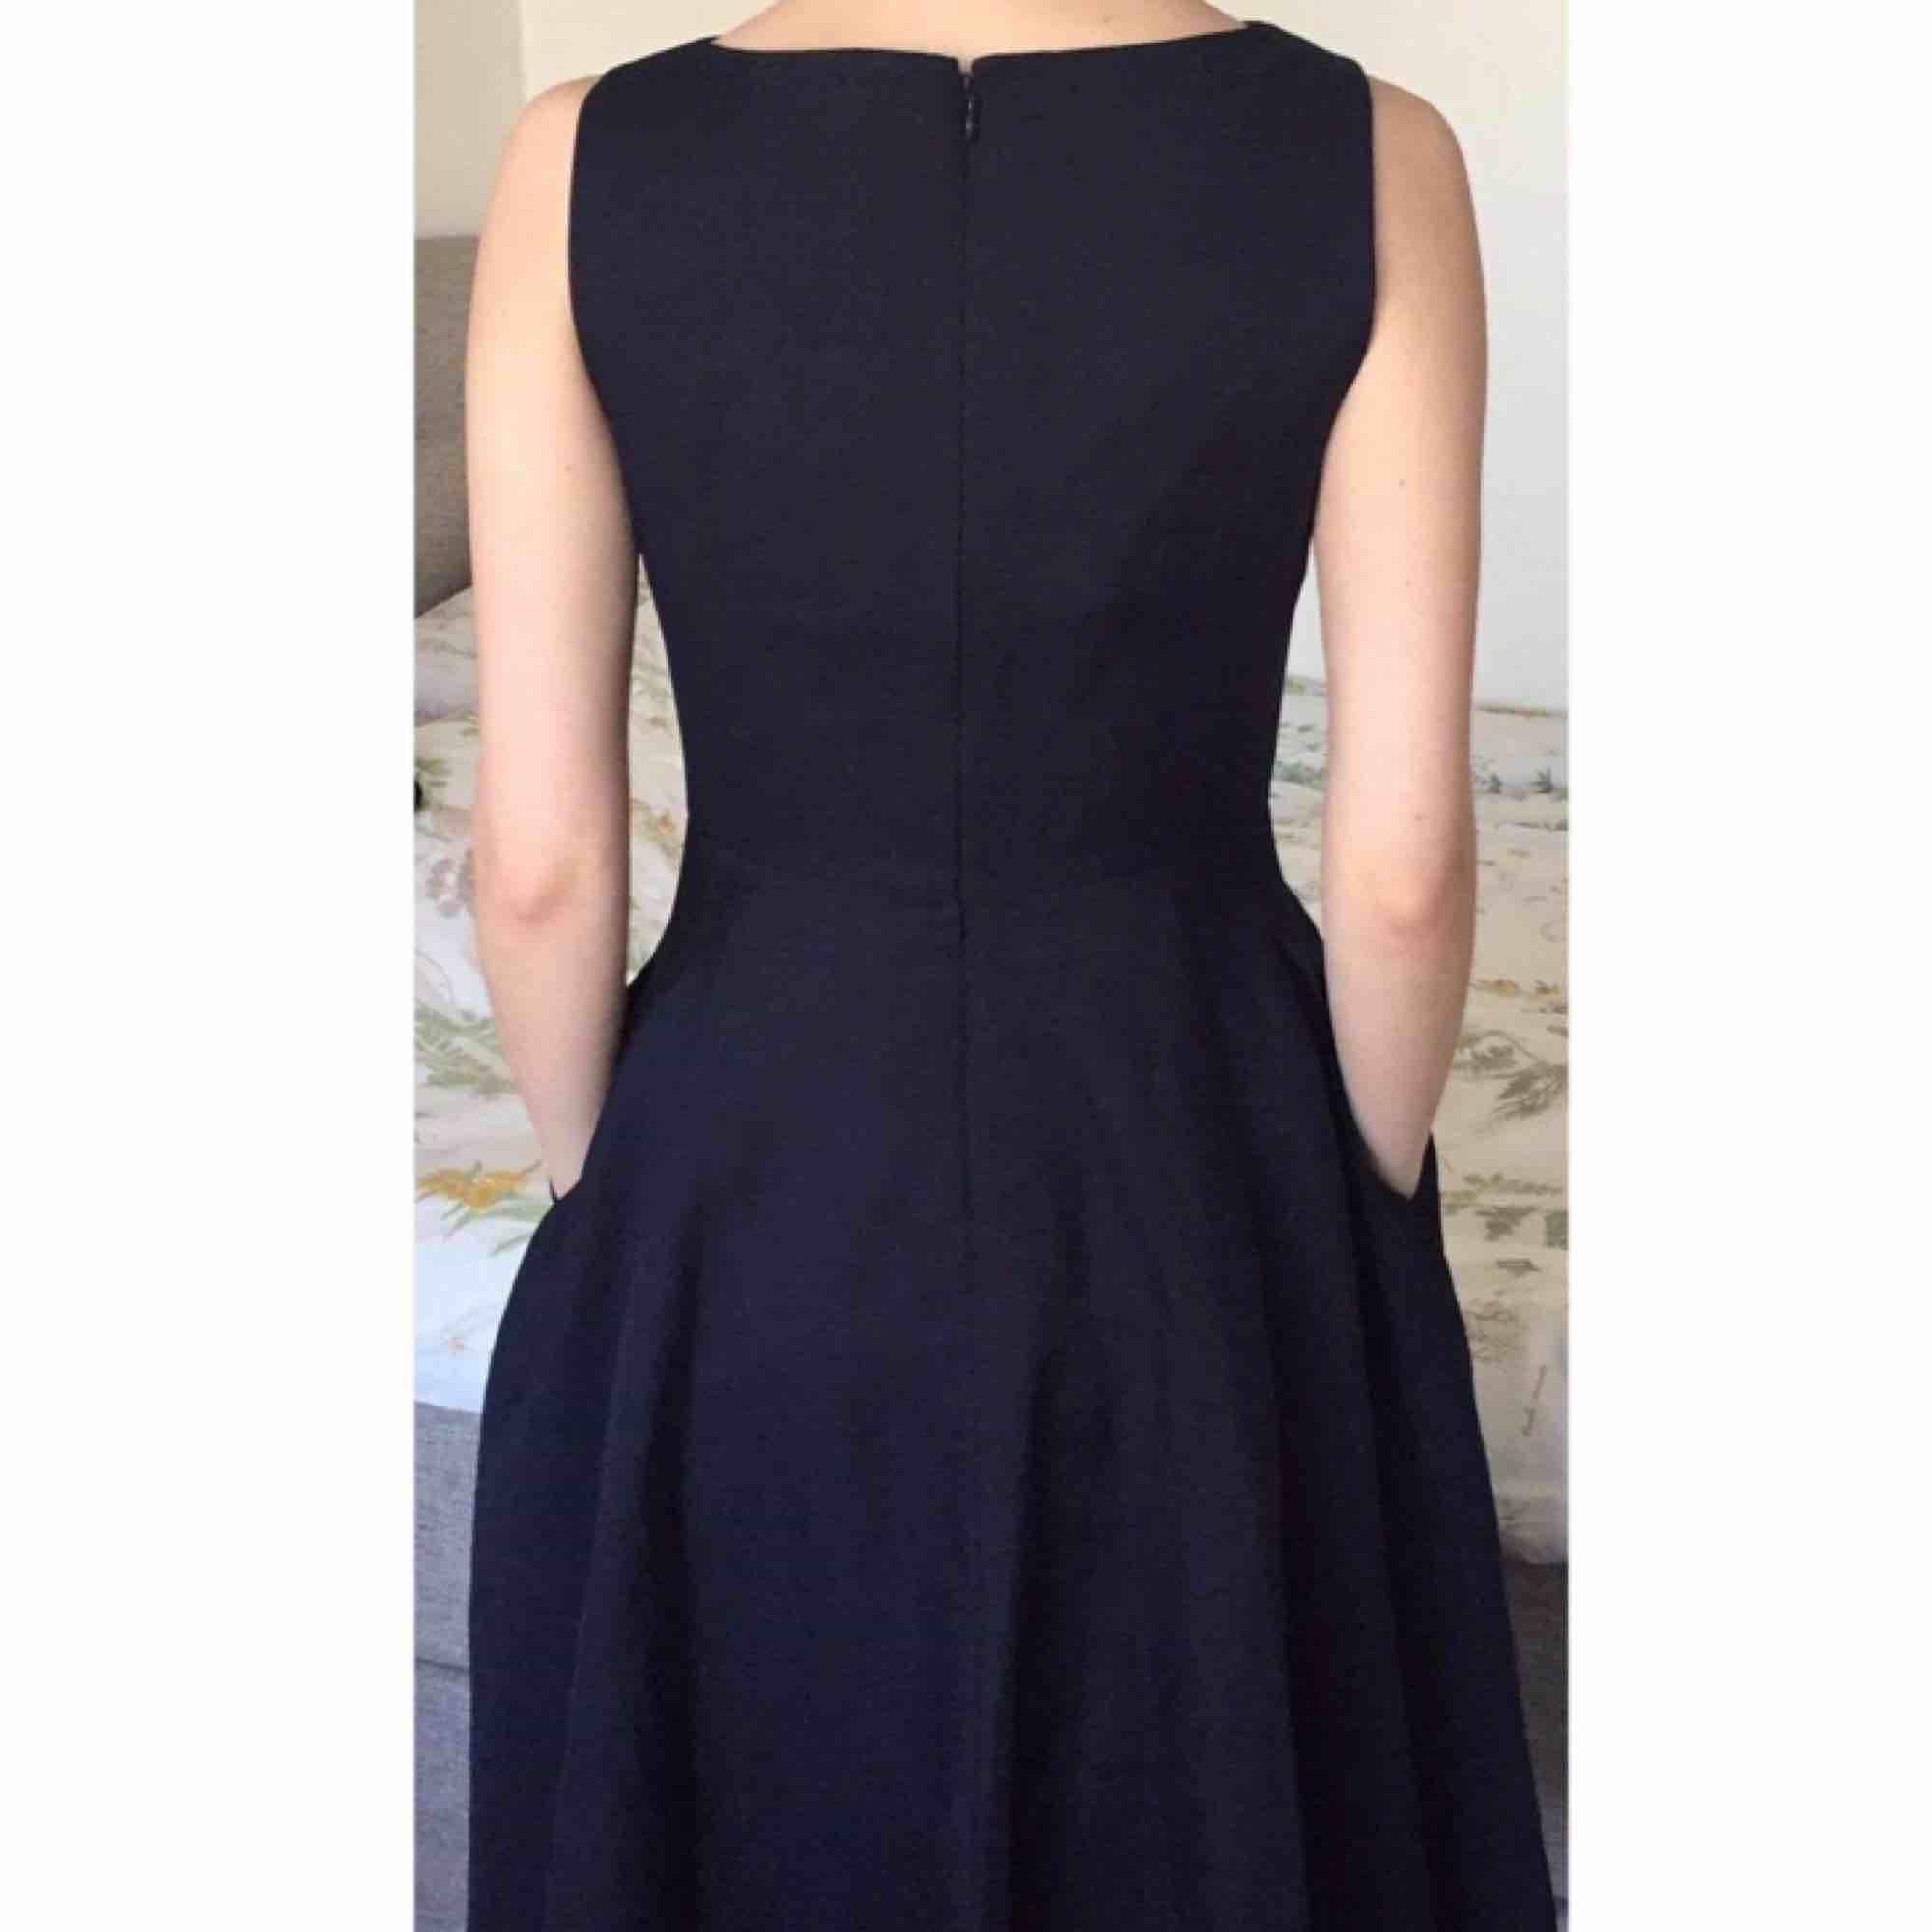 e11293acd3c7 Nypris: 900kr Superfin marinblå klänning från cos. Knälång. Använd endast  en gång.